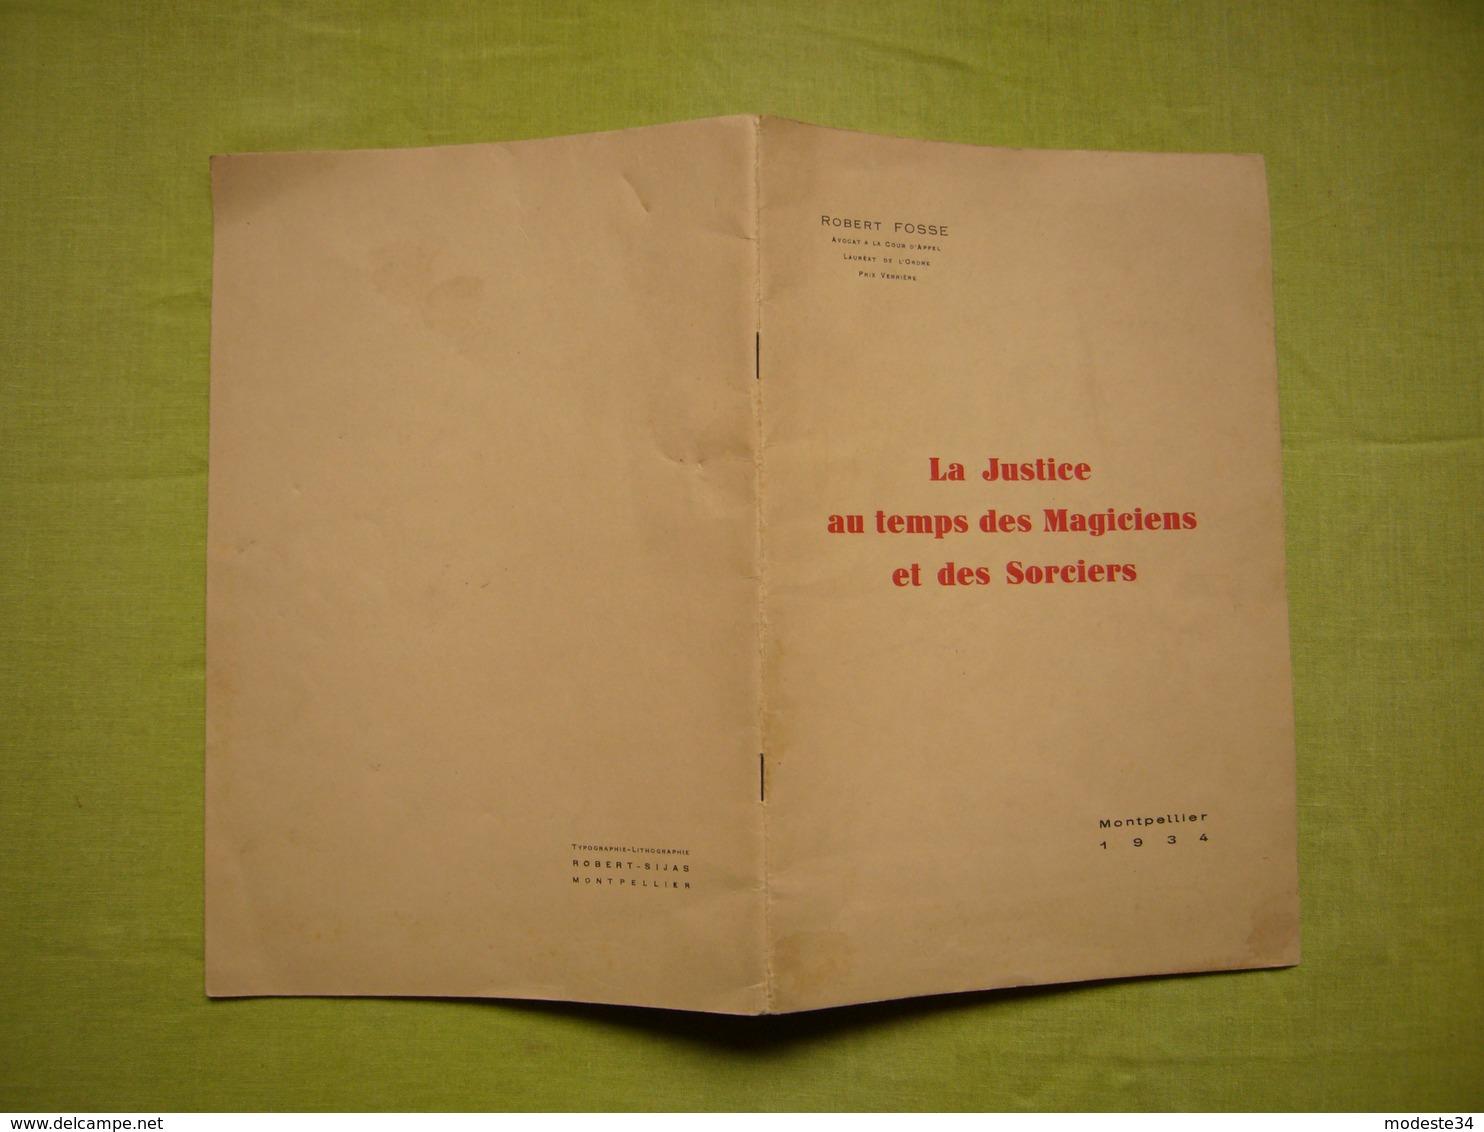 La Justice Au Temps Des Magiciens Autographe Et Dédicace De Robert Fosse 1934 Montpellier - Droit